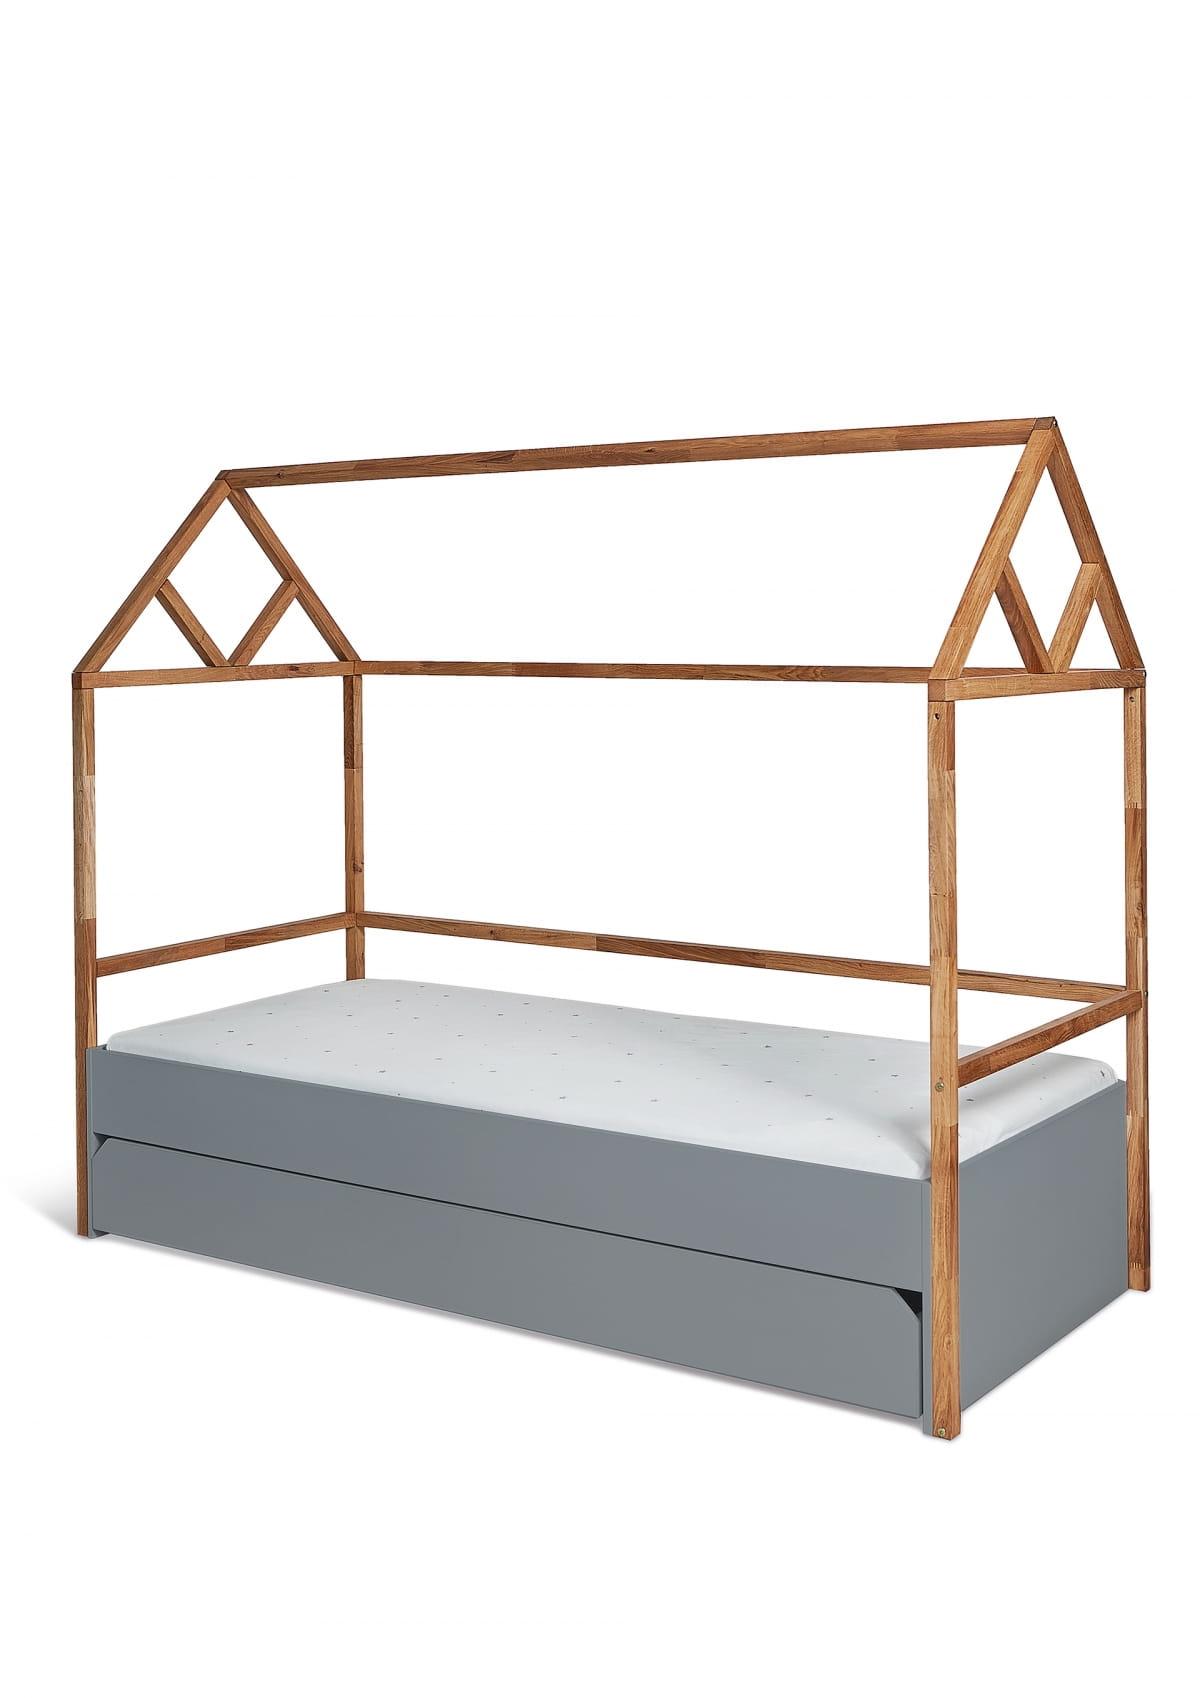 Bellamy Lotta Gray łóżko Domek 90x200 Z Szufladą Zadzwoń I Odbierz Rabat